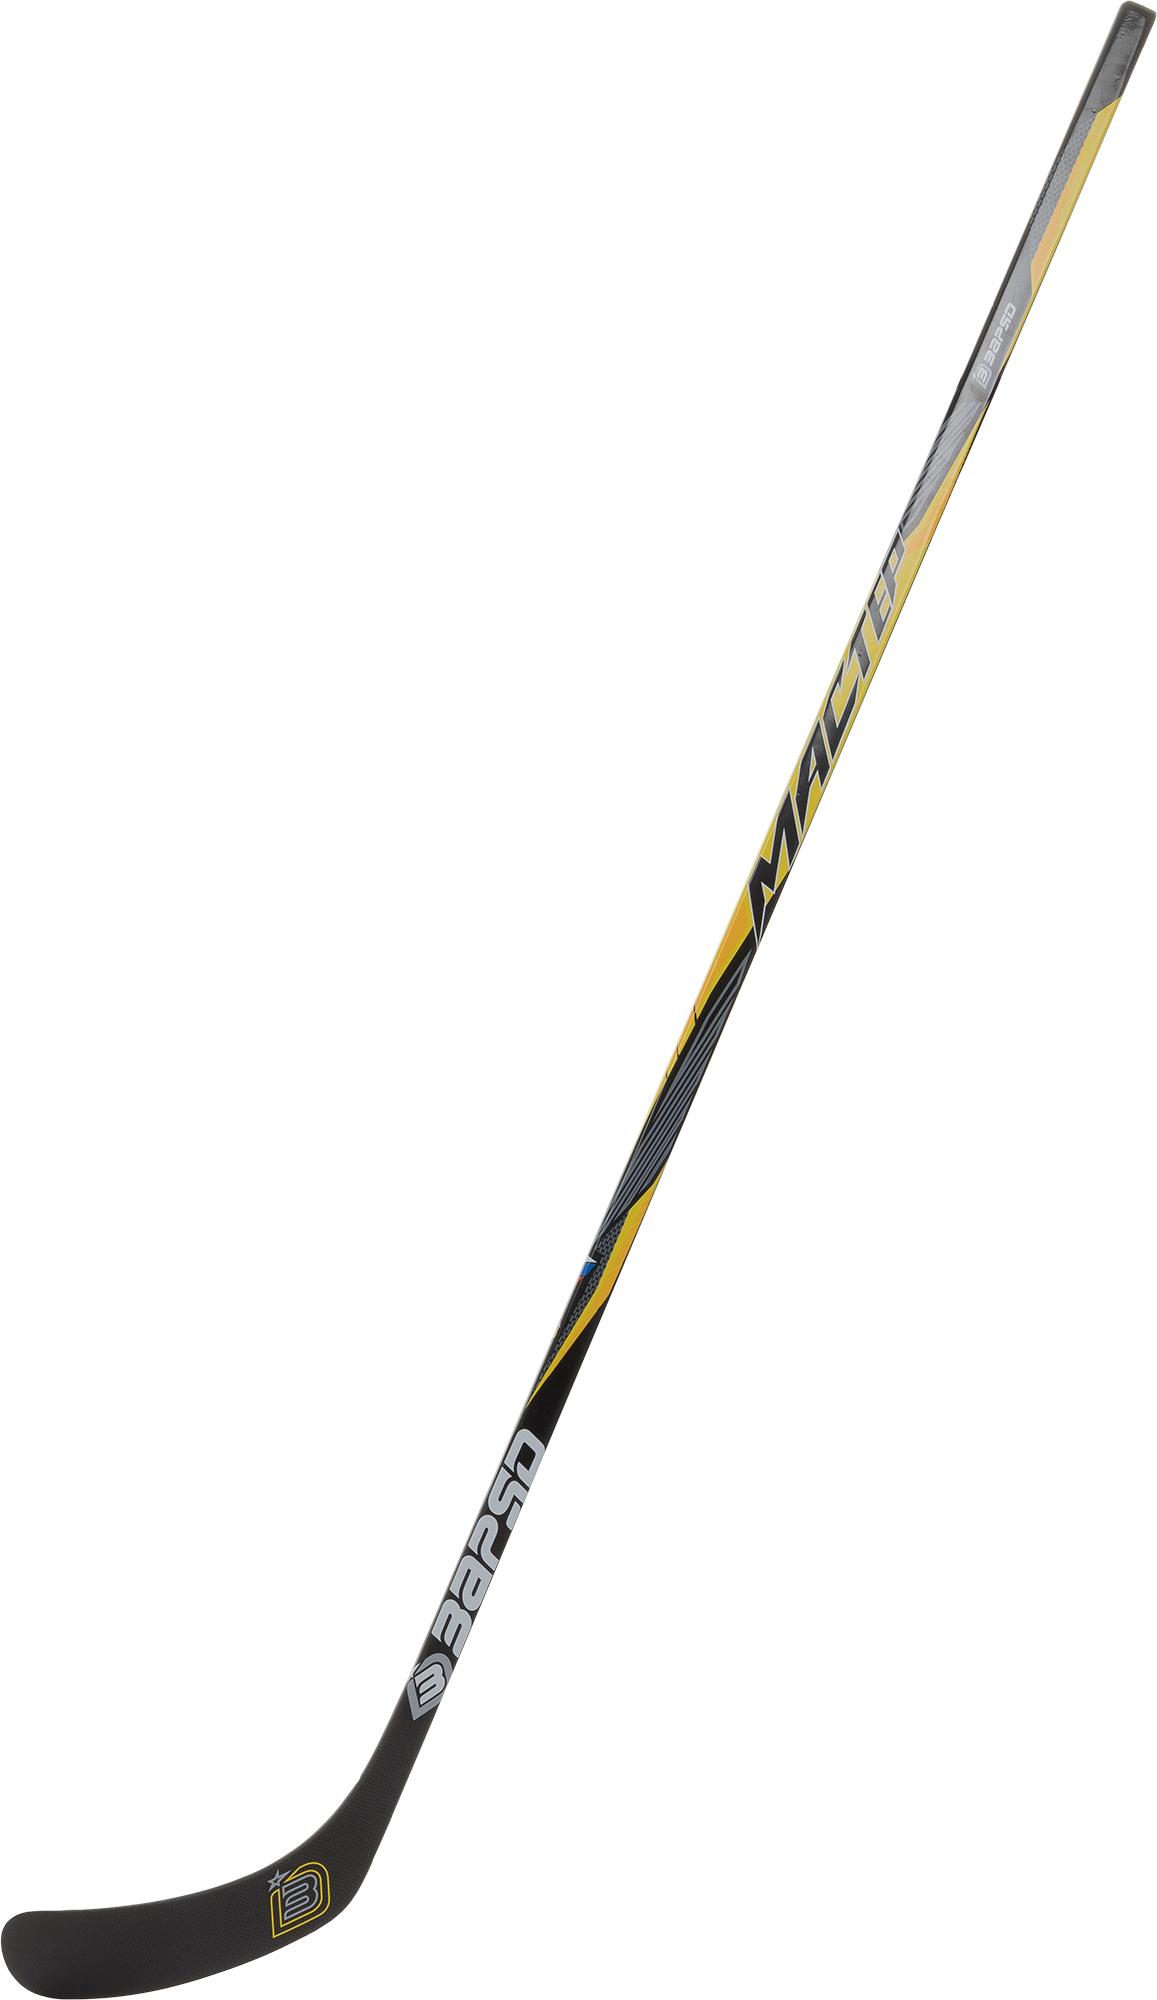 ЗАРЯД Клюшка хоккейная ЗАРЯД Master SR, размер R все цены